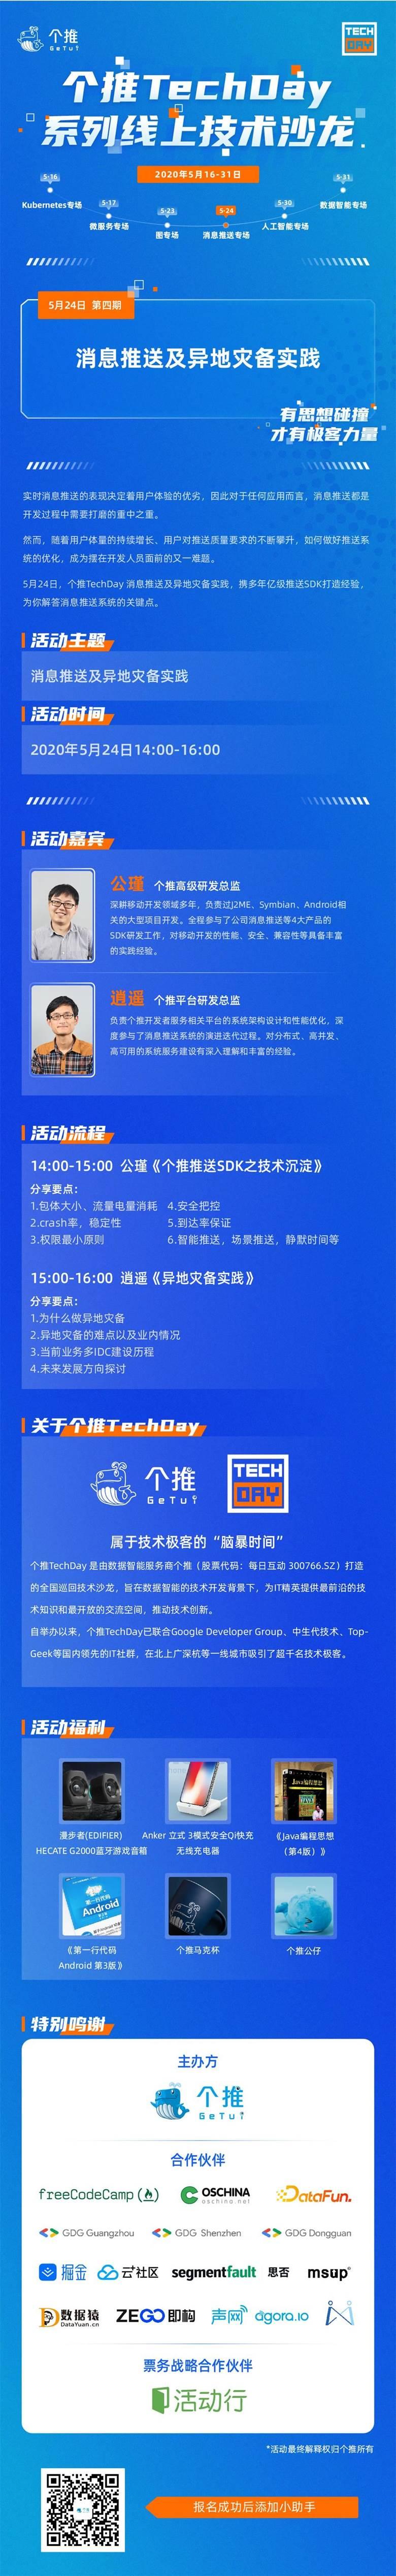 20200514 个推TechDay系列线上直播物料-【D4】活动行 陈云峥_【D4】活动行长图.jpg